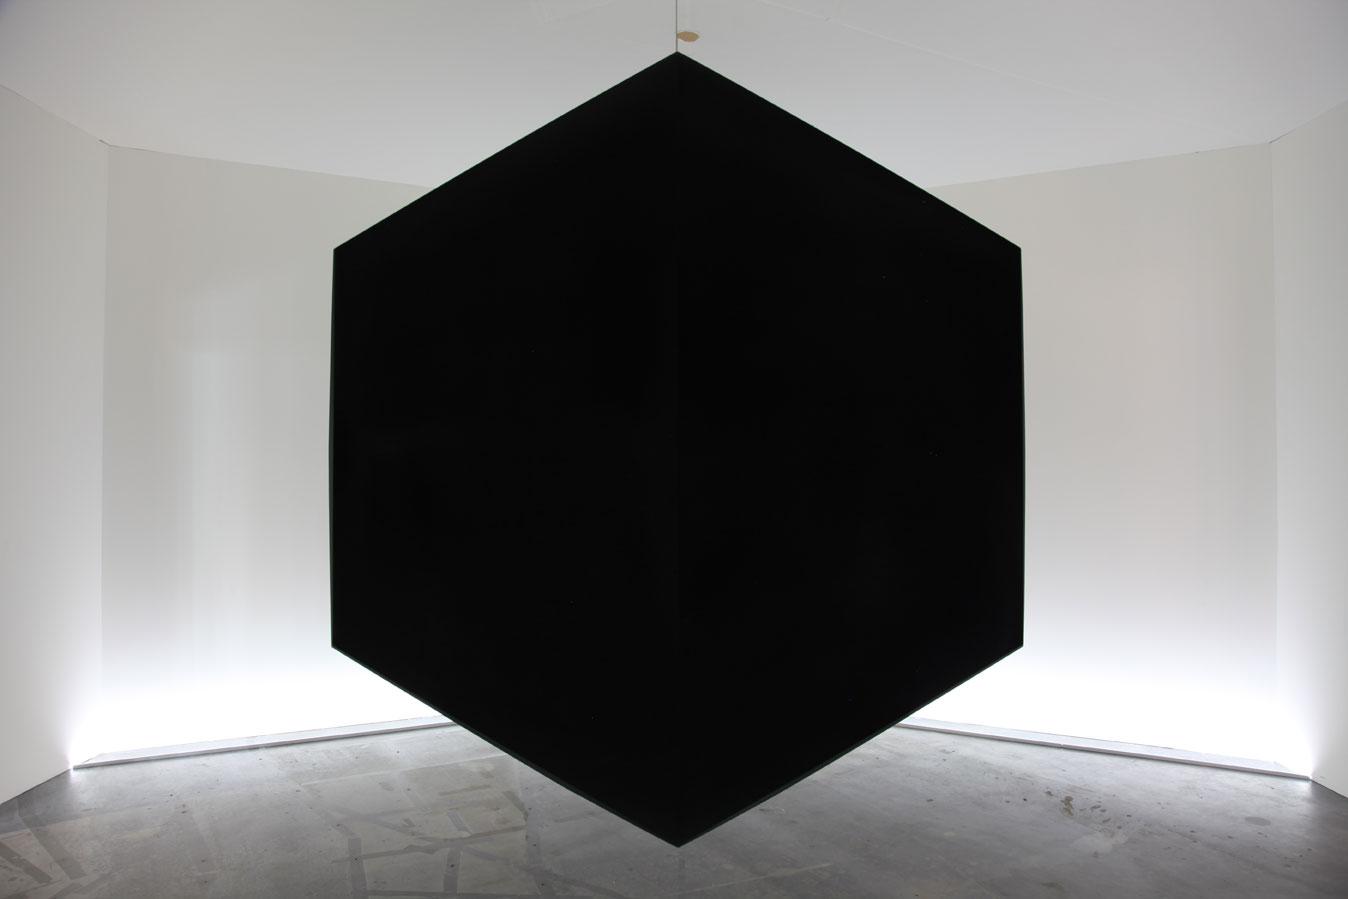 'Dark Matter', 2014 | Troika (Conny Freyer, Eva Rucki, Sebastien Noel)